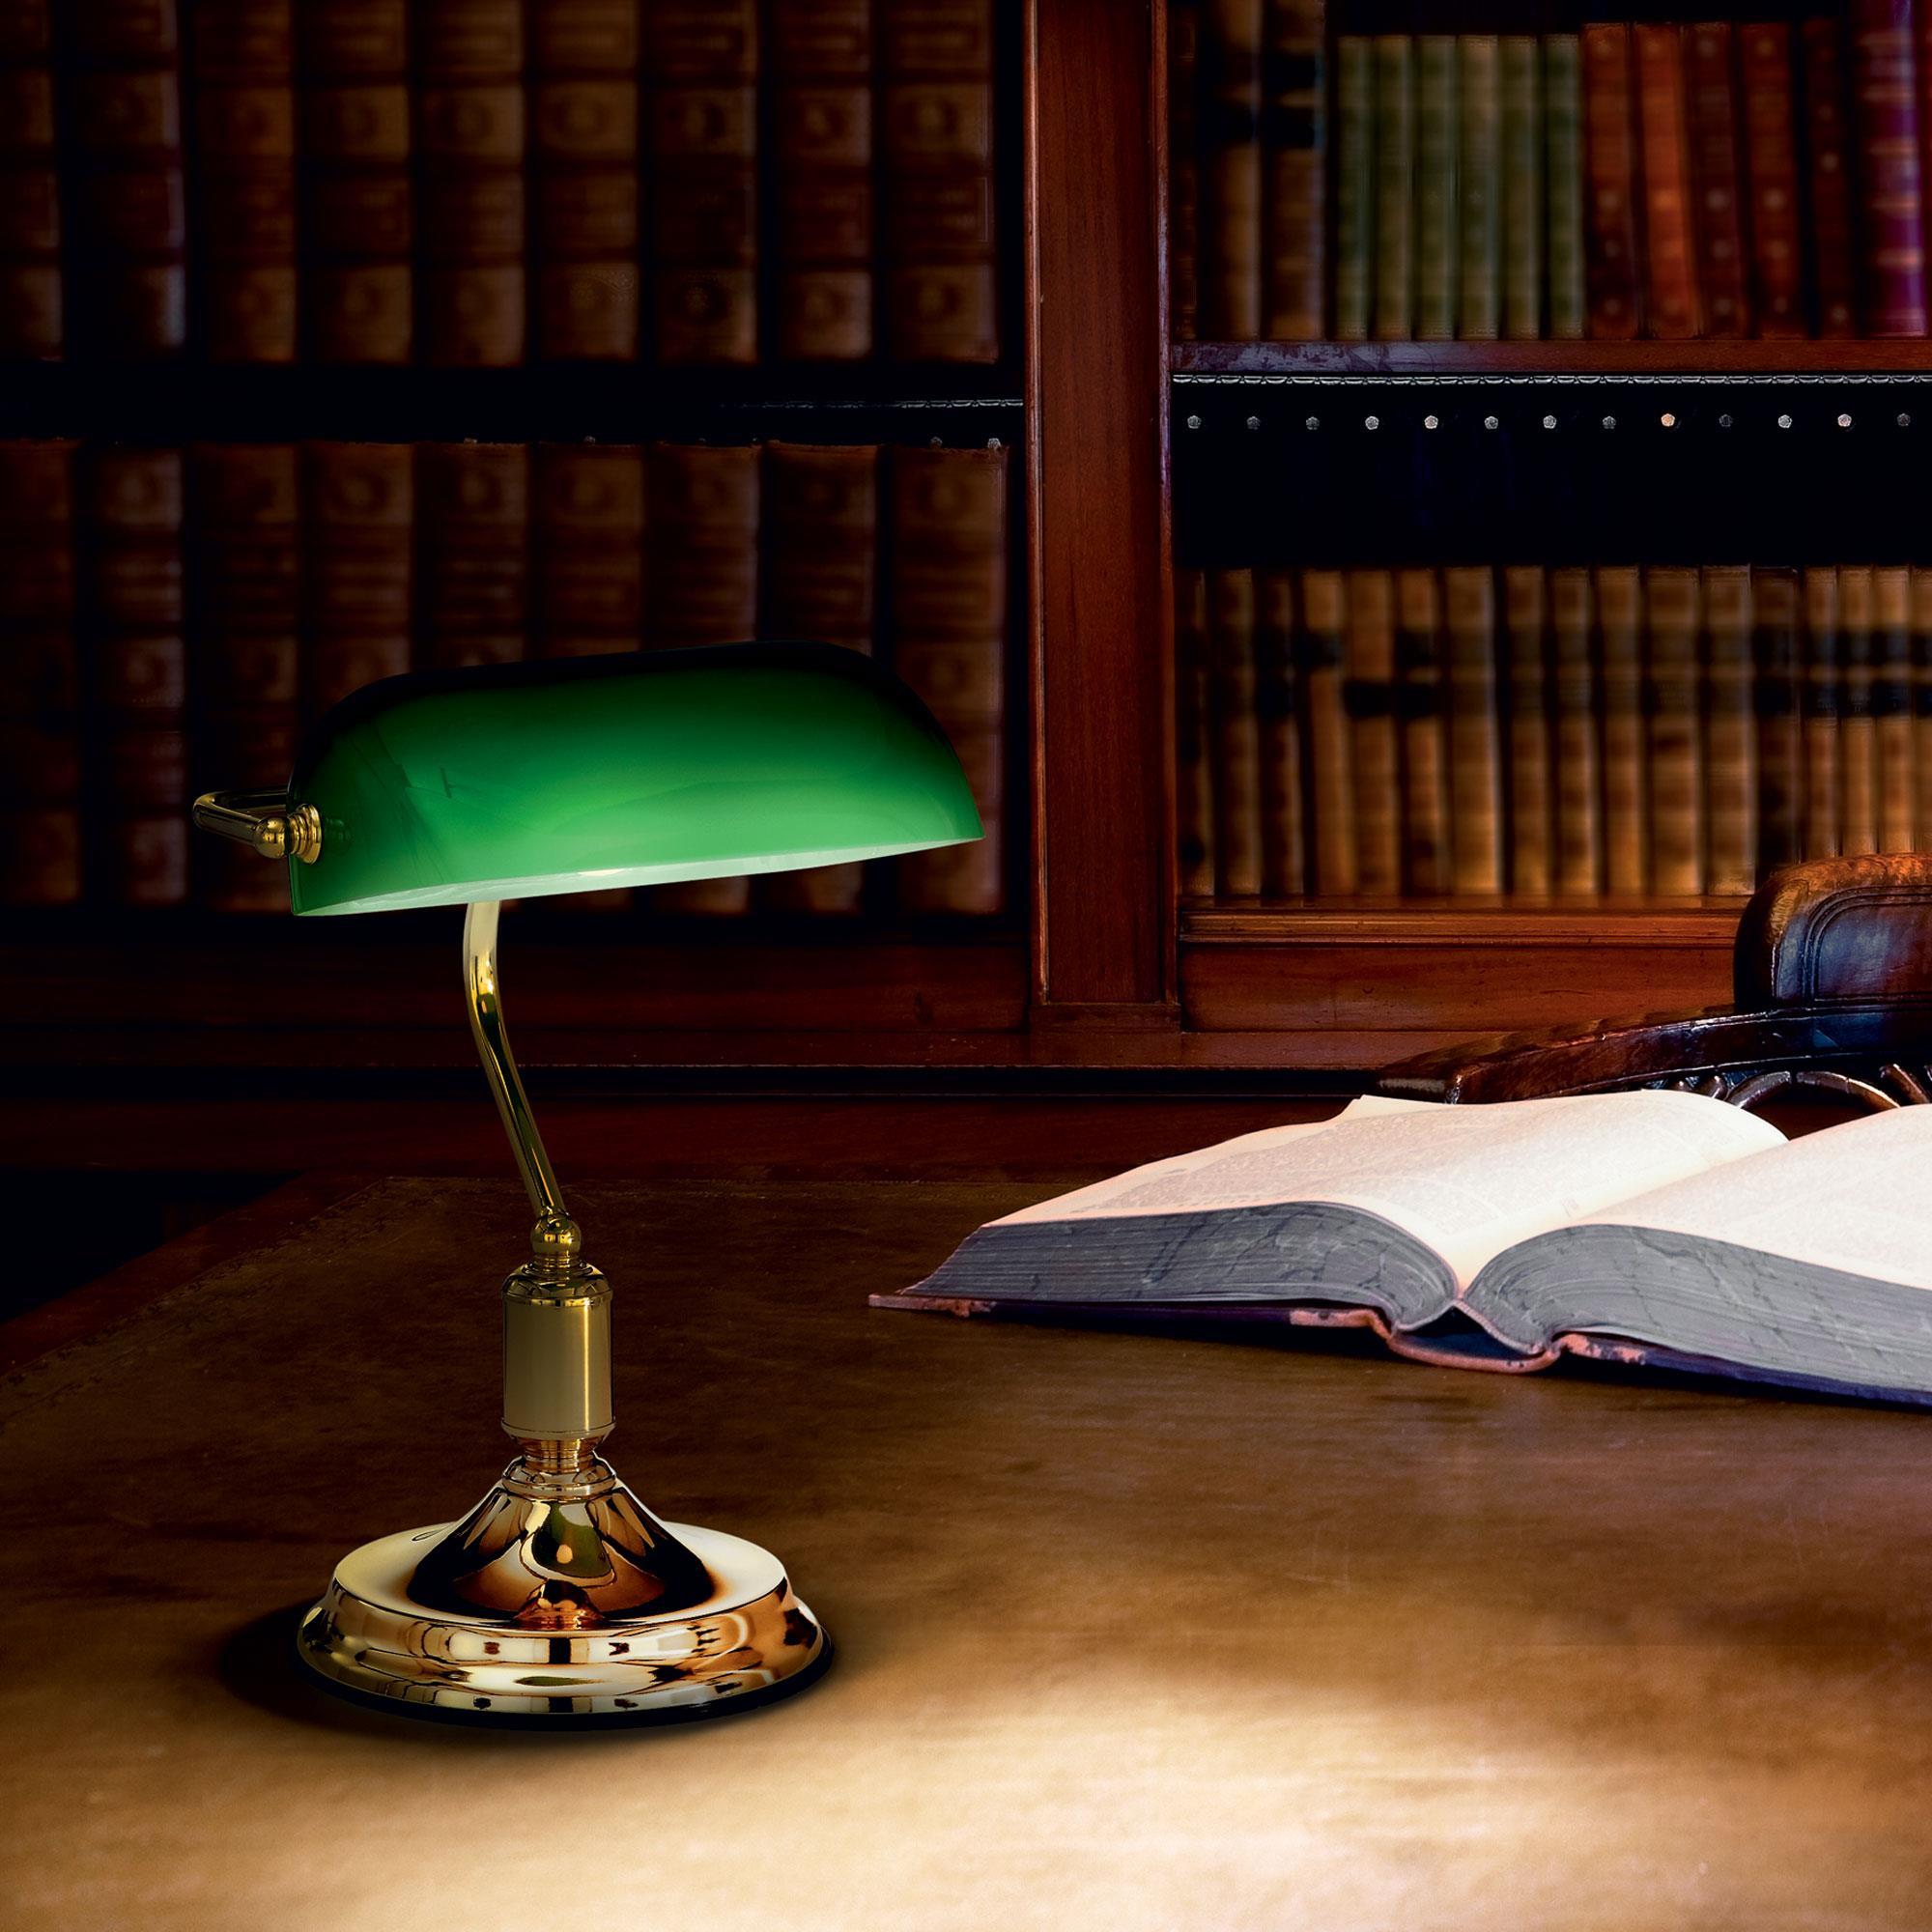 Ideal Lux 013657 Lawyer TL1 Ottone asztali banklámpa